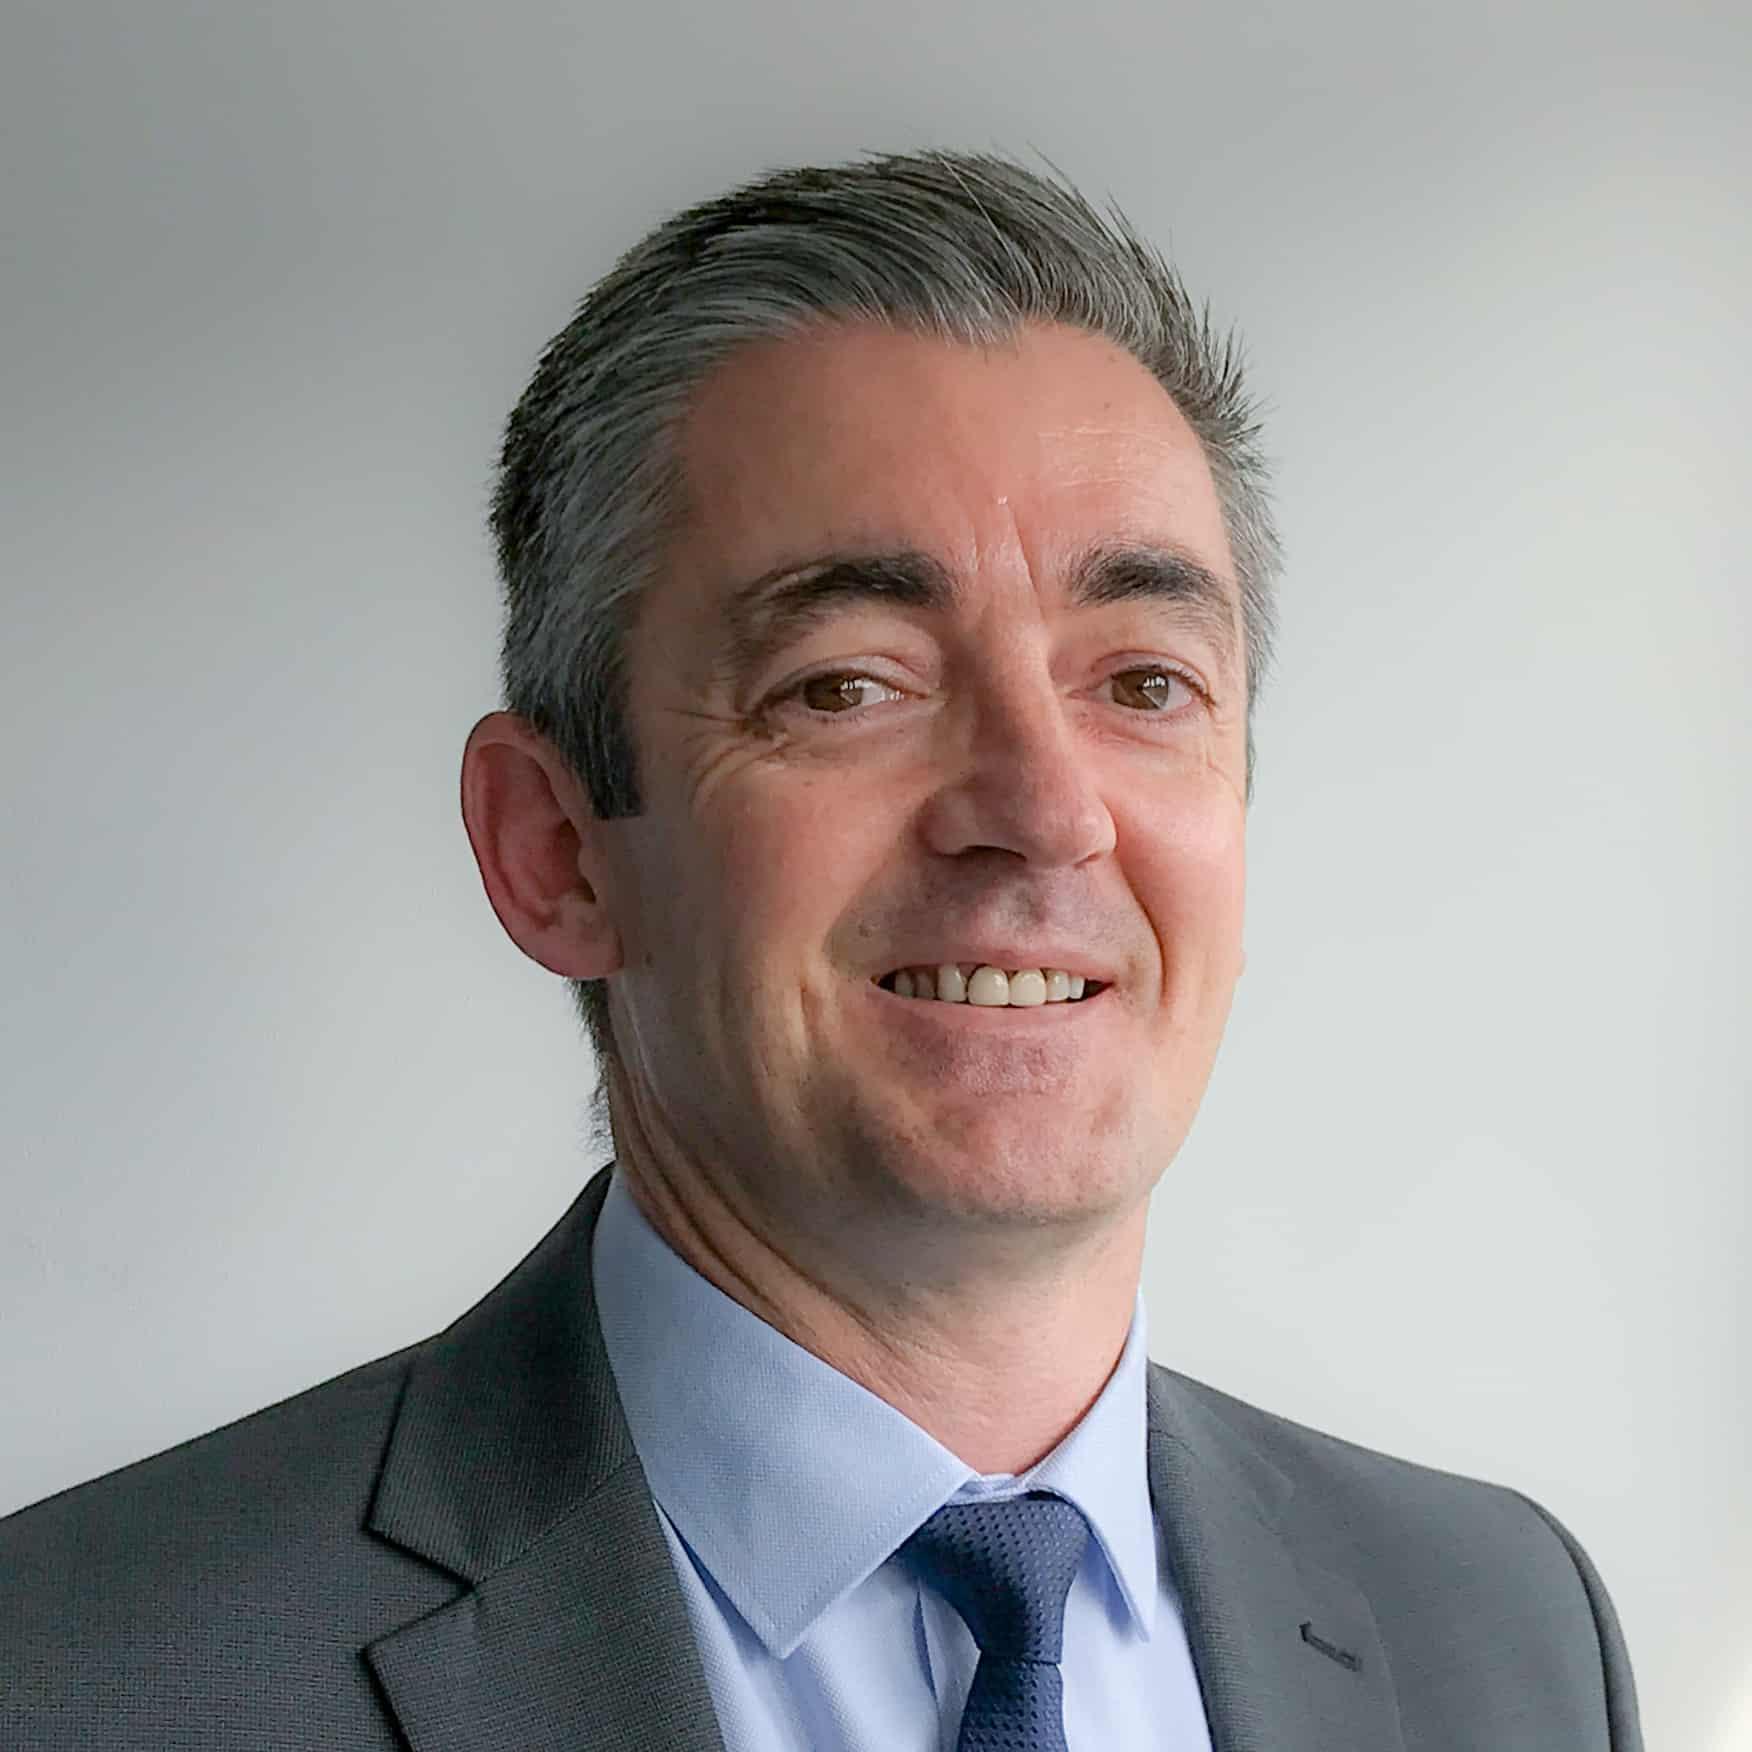 Gareth Warr